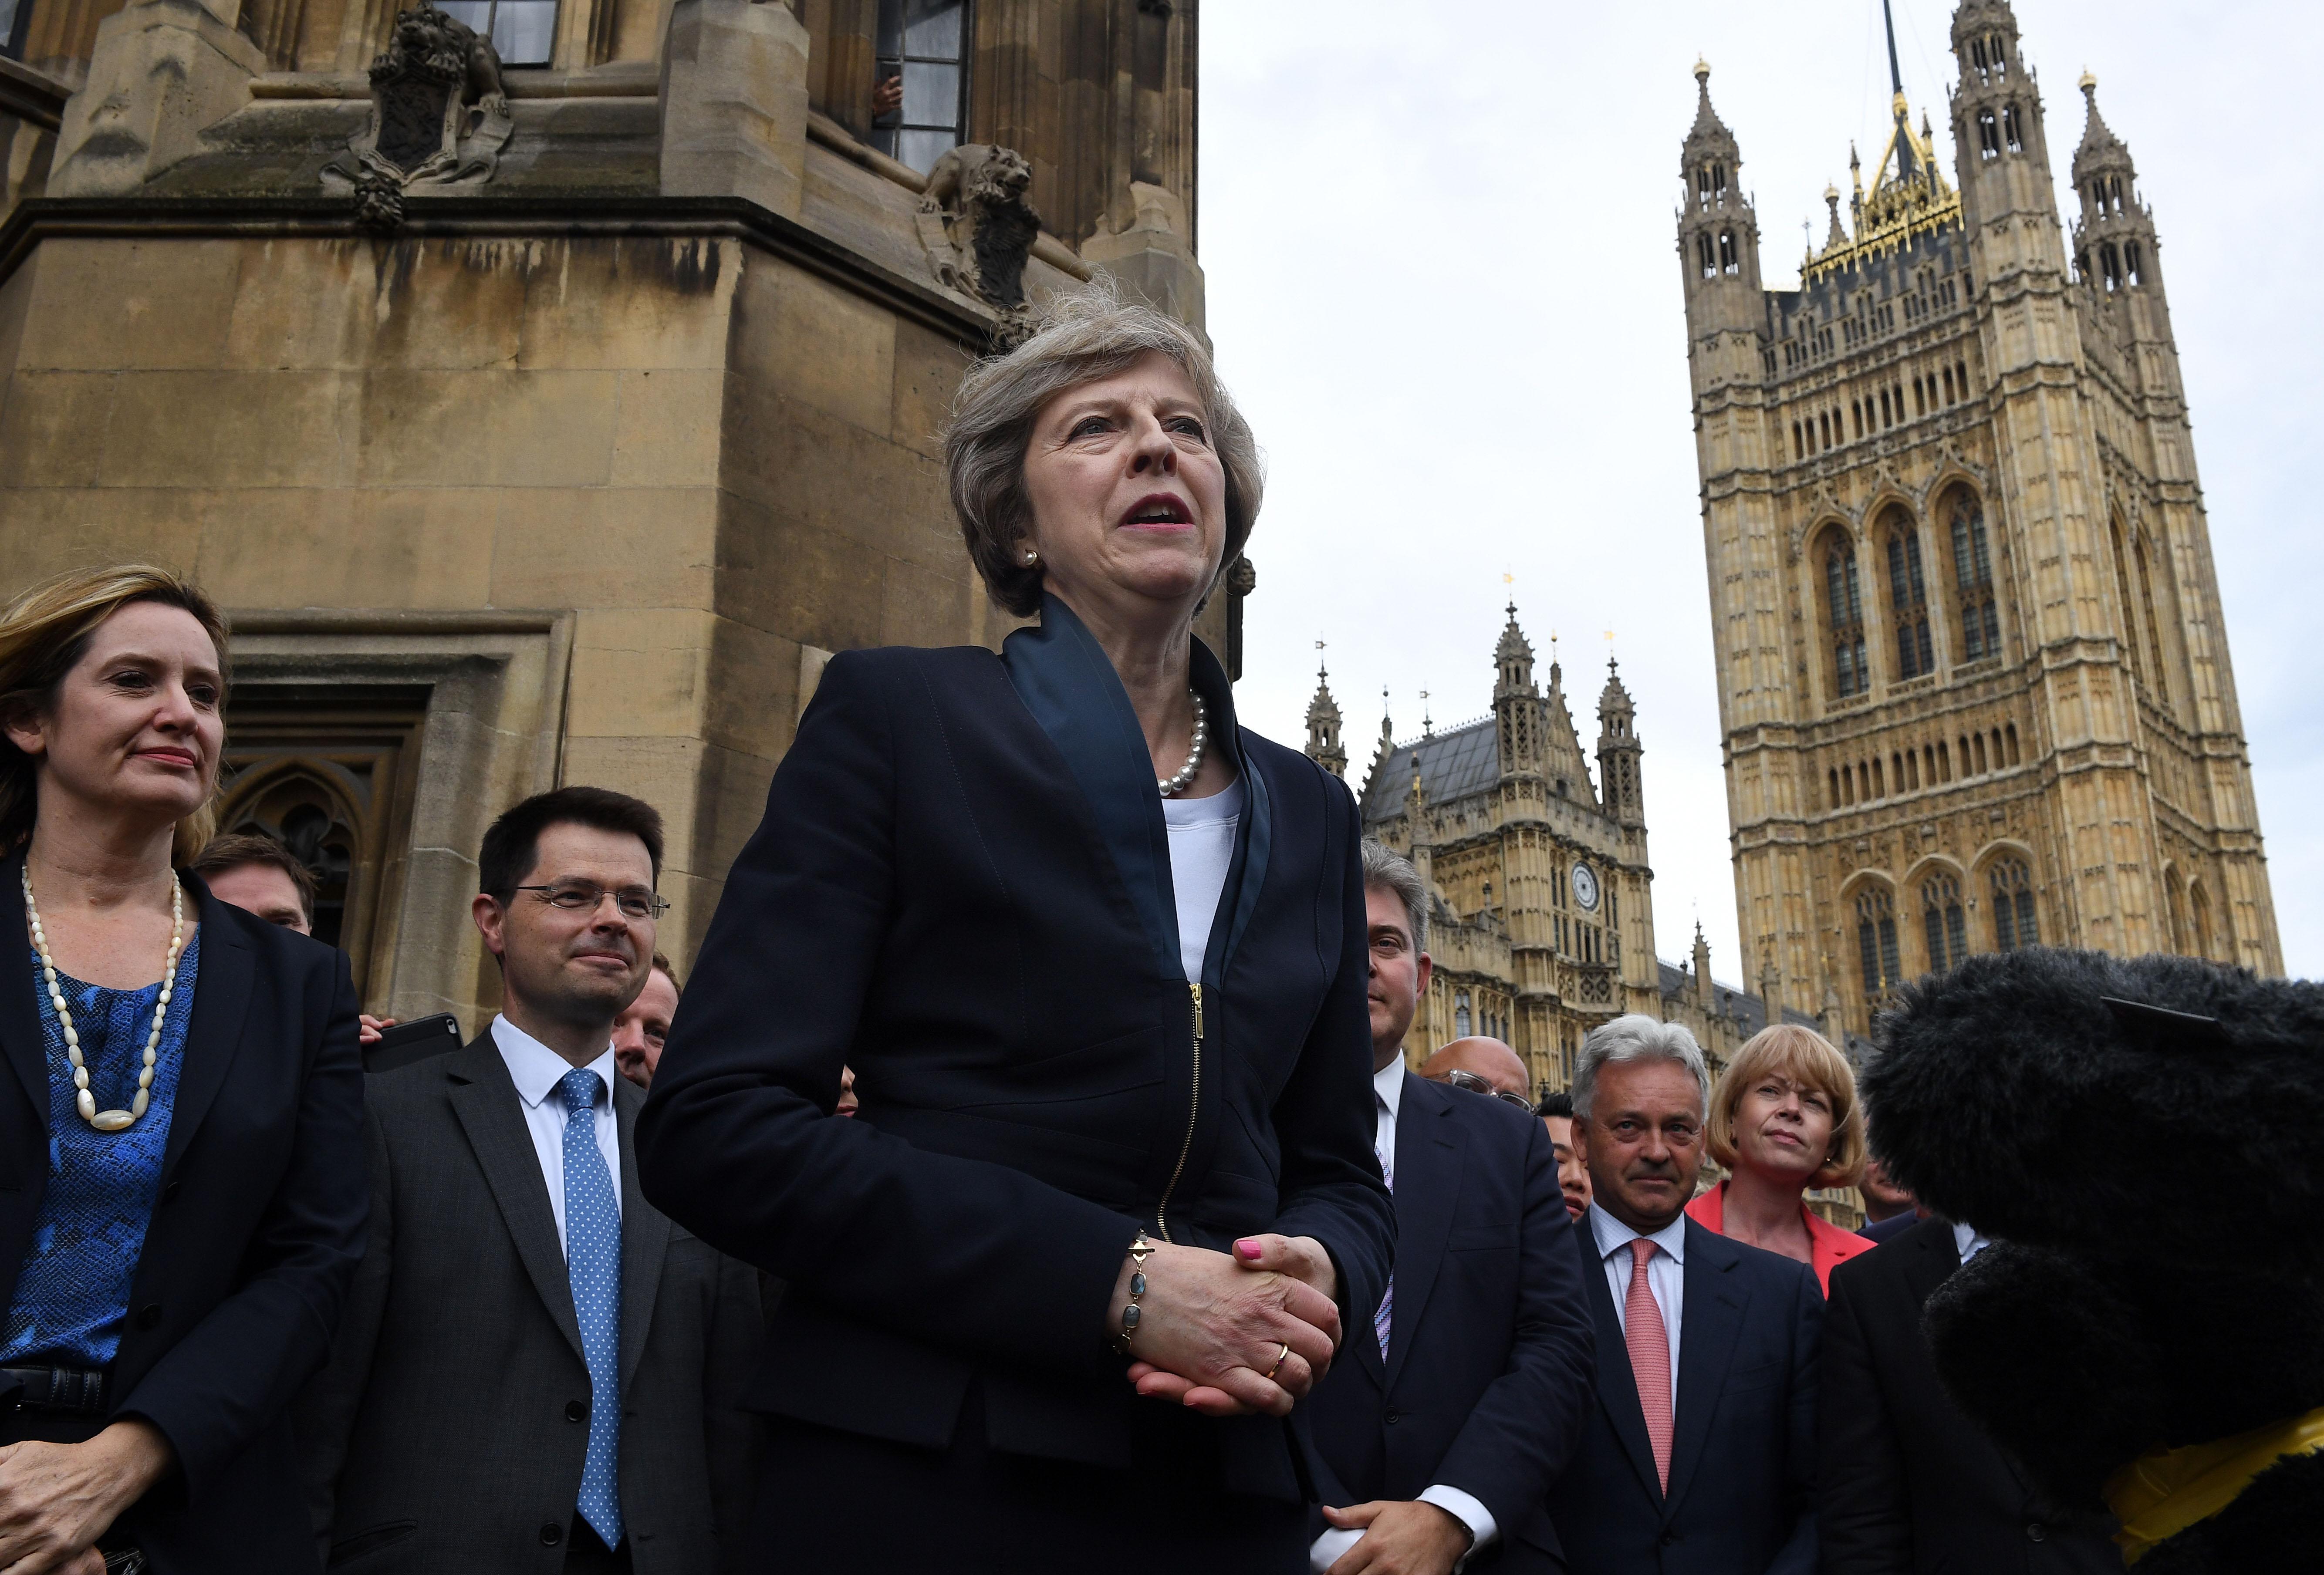 特雷莎·梅当选英国保守党新党魁 将接替卡梅伦出任首相